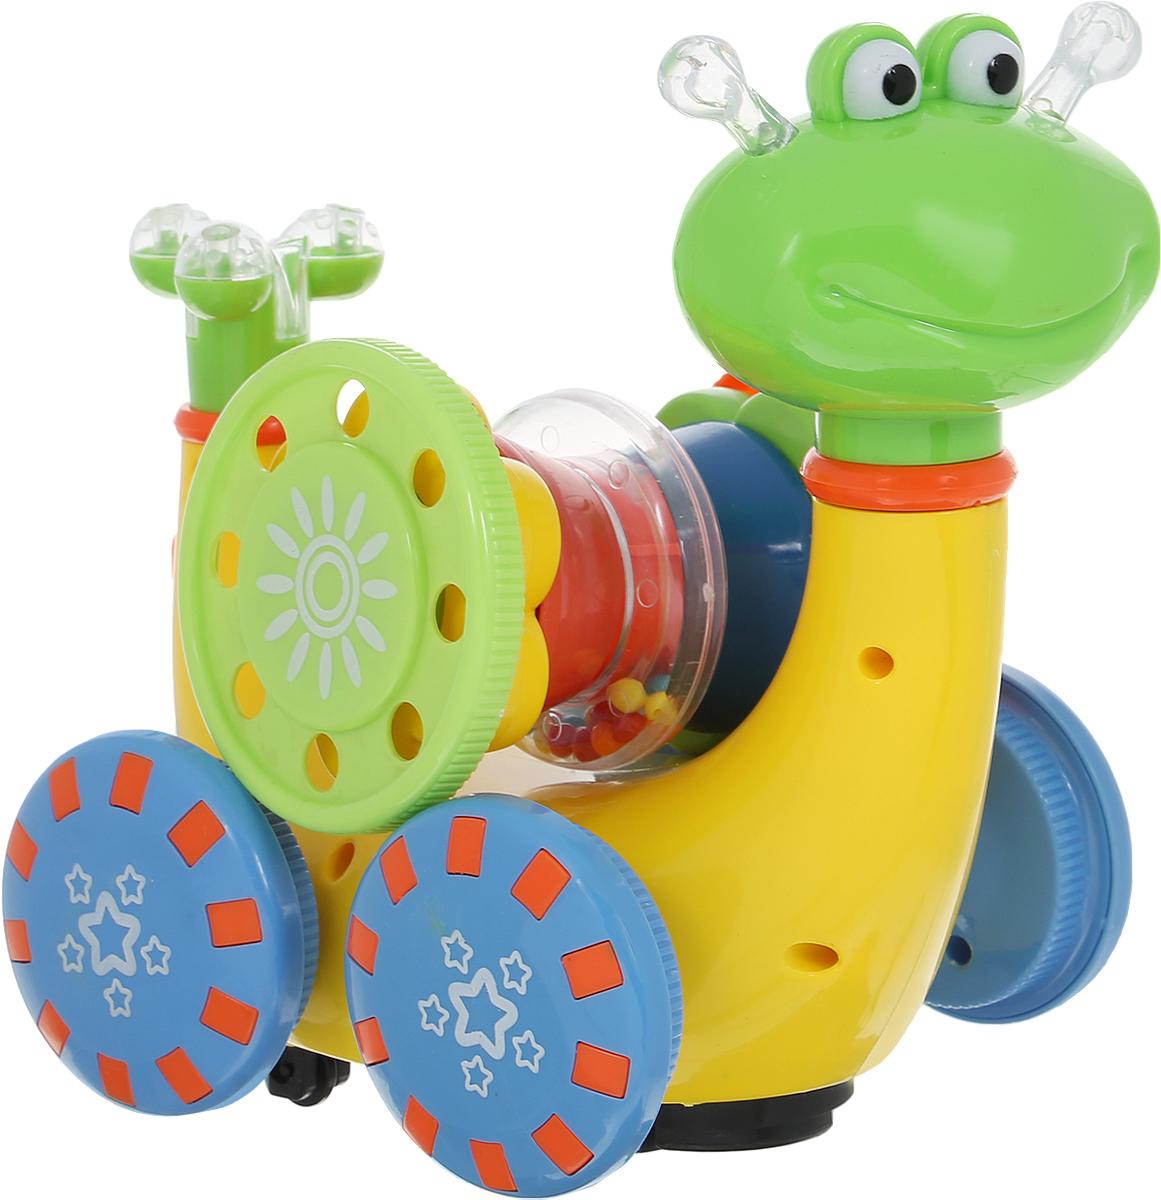 Умка Развивающая игрушка Гусеница-пирамидка цвет желтый салатовый синий умка развивающая игрушка фотоаппарат чебурашки